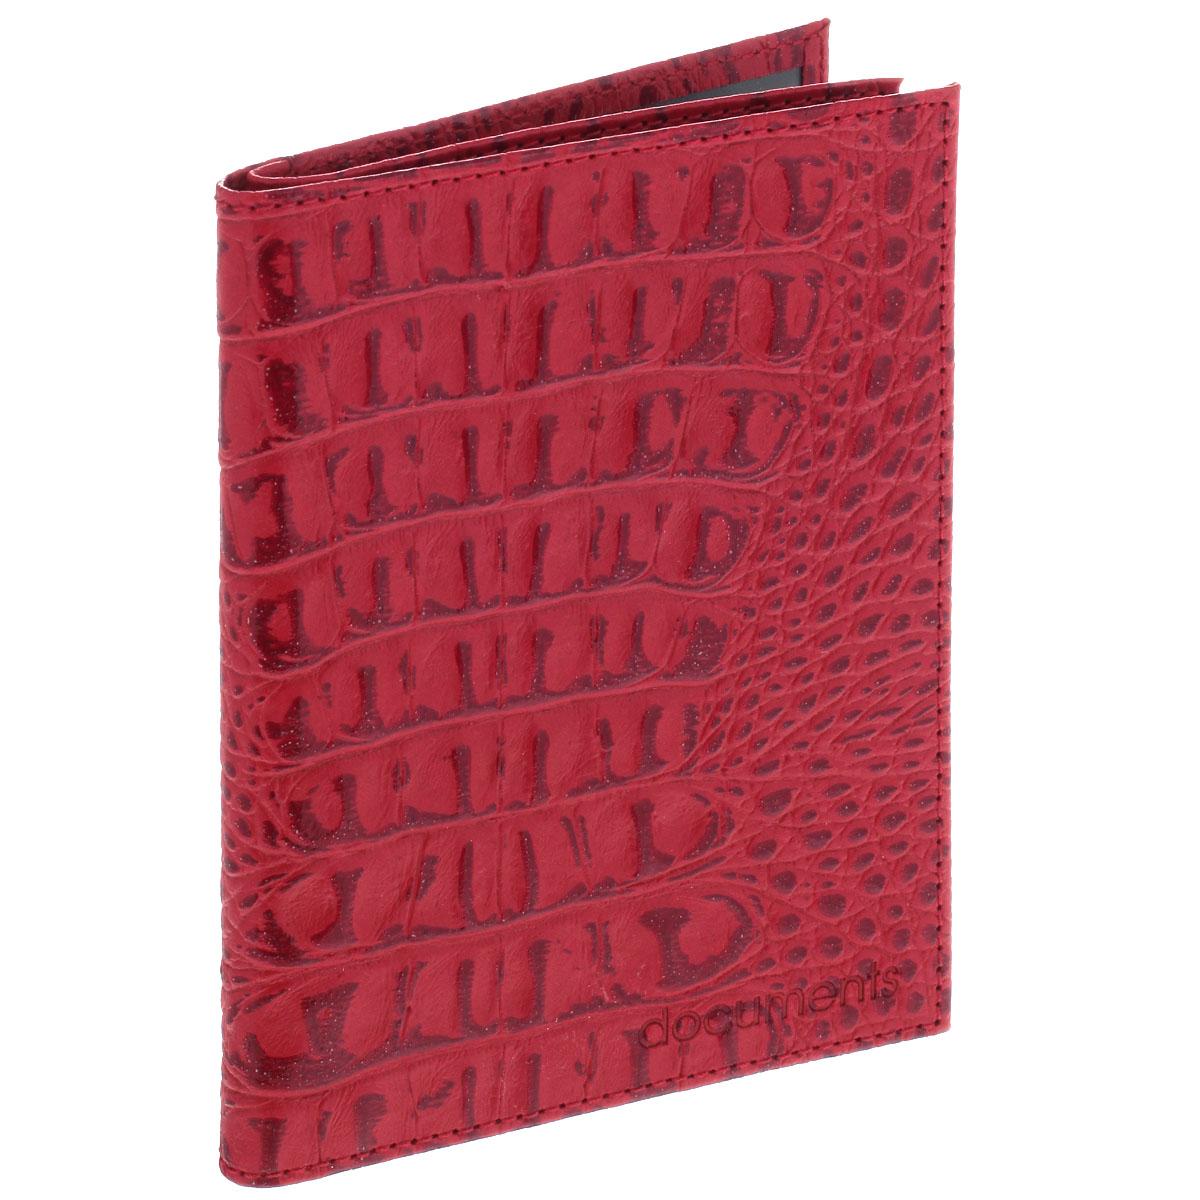 Бумажник водителя Befler, цвет: красный. BV.22.-13BV.22.-13. красныйУльтрамодный бумажник водителя Befler изготовлен из натуральной кожи и декорирован тиснением под рептилию. Изделие с обеих сторон дополнено тиснеными надписями. В бумажнике два отделения. Первое предназначено для автодокументов, содержит съемный блок из 6 прозрачных файлов и два боковых кармана (один - с окошком из пластика). Второе - для паспорта, содержит два боковых прозрачных кармана, которые обеспечат надежную фиксацию вашего документа. Изделие упаковано в фирменную коробку. Такой бумажник не только защитит ваши документы, но и станет стильным аксессуаром, который прекрасно дополнит образ.